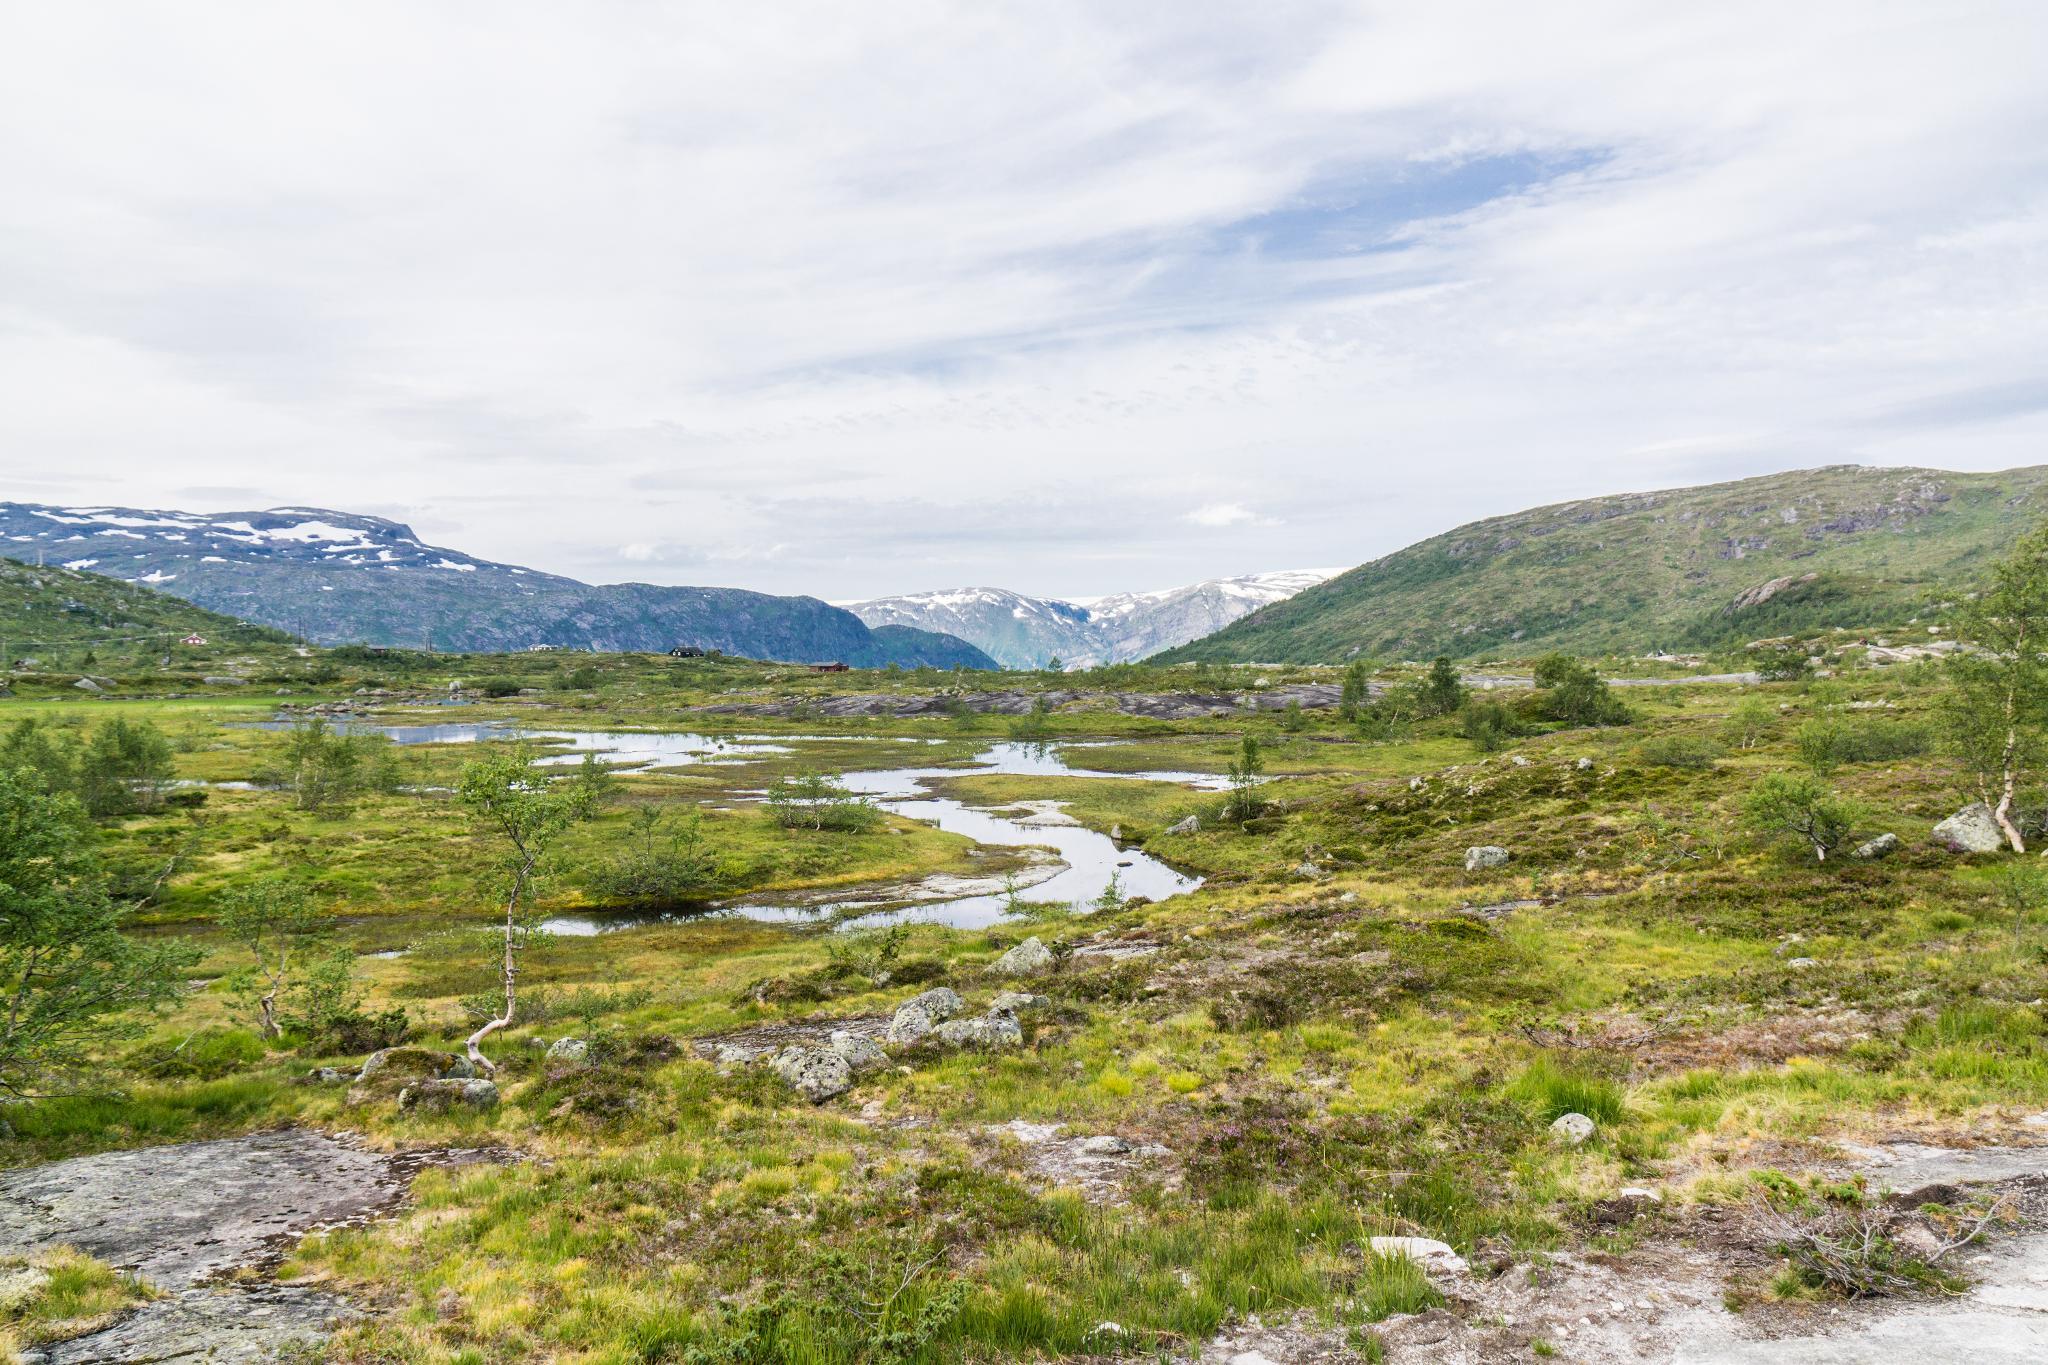 【北歐景點】挪威惡魔之舌 Trolltunga — 28公里健行挑戰全攻略 187